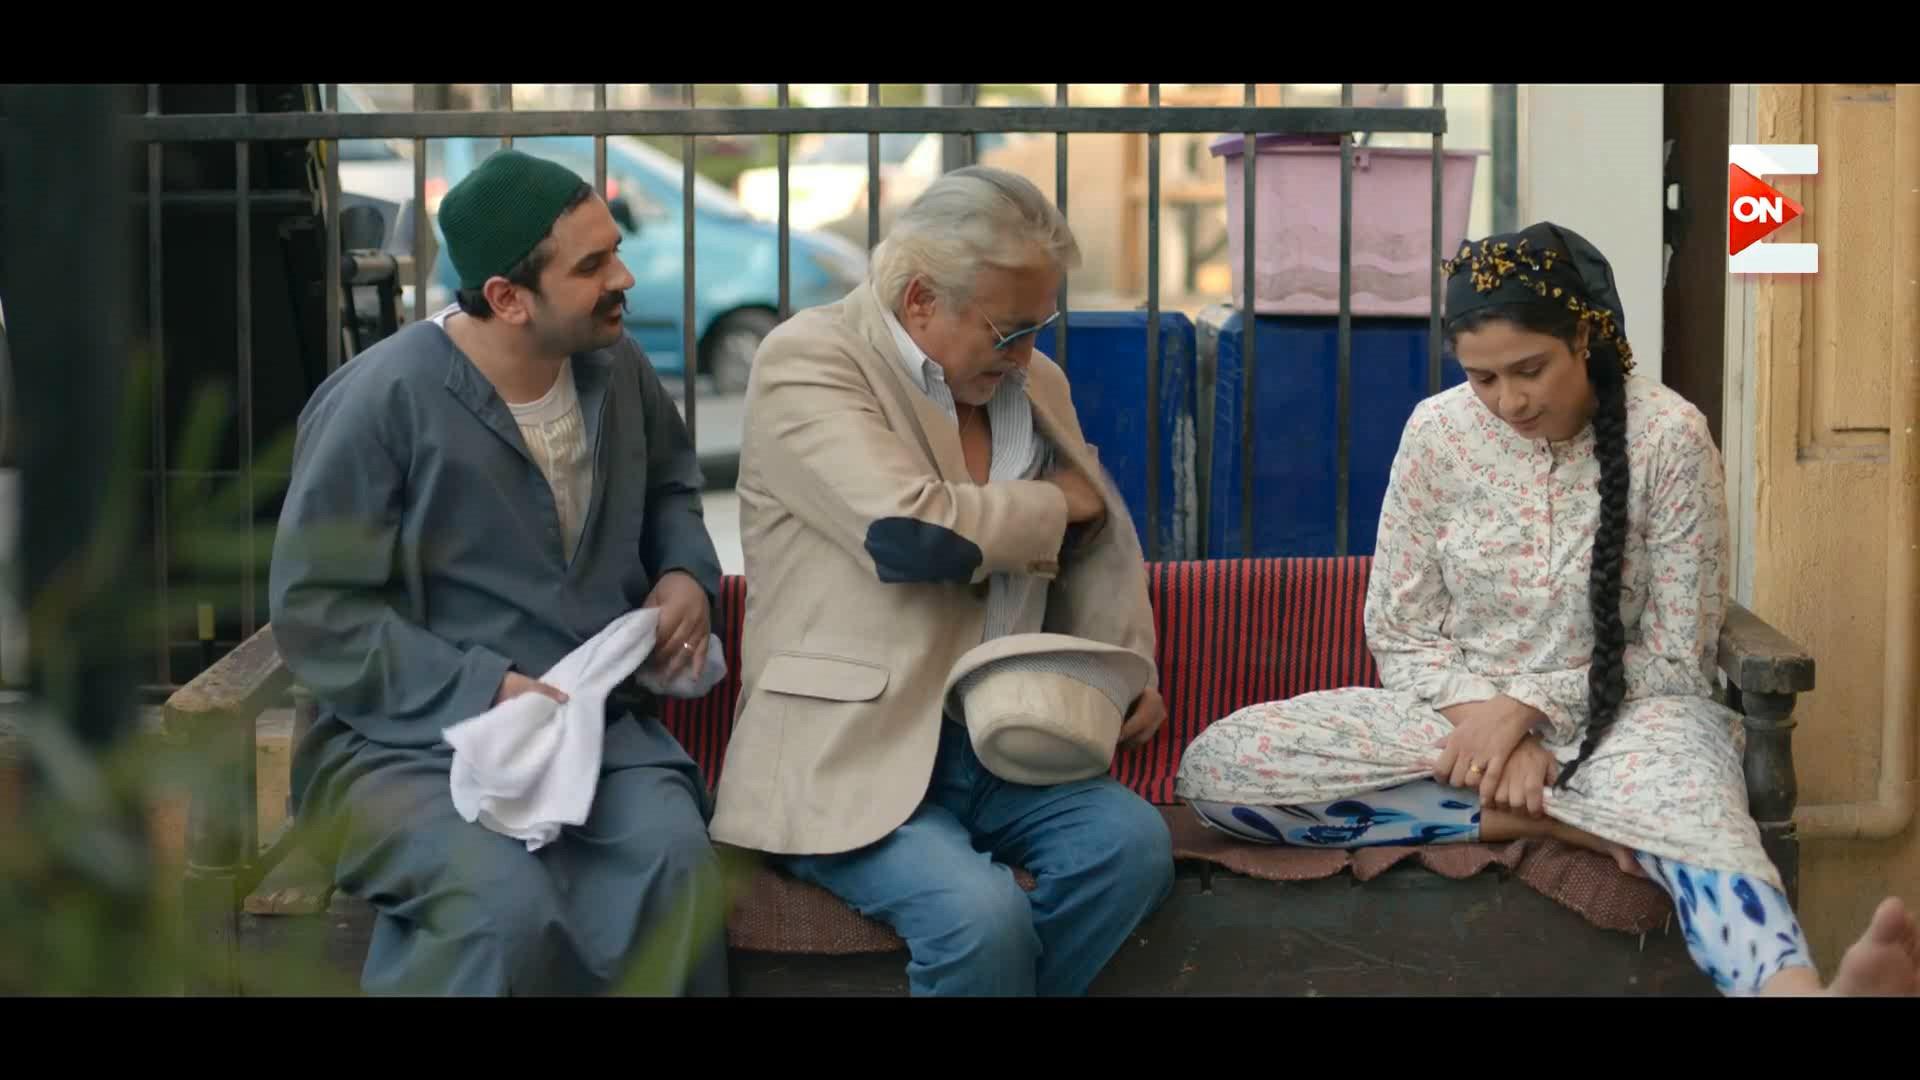 مشهد مثير ورائع لرجول ياسمين عبدالعزيز اللذيذه - هربانه منها -15